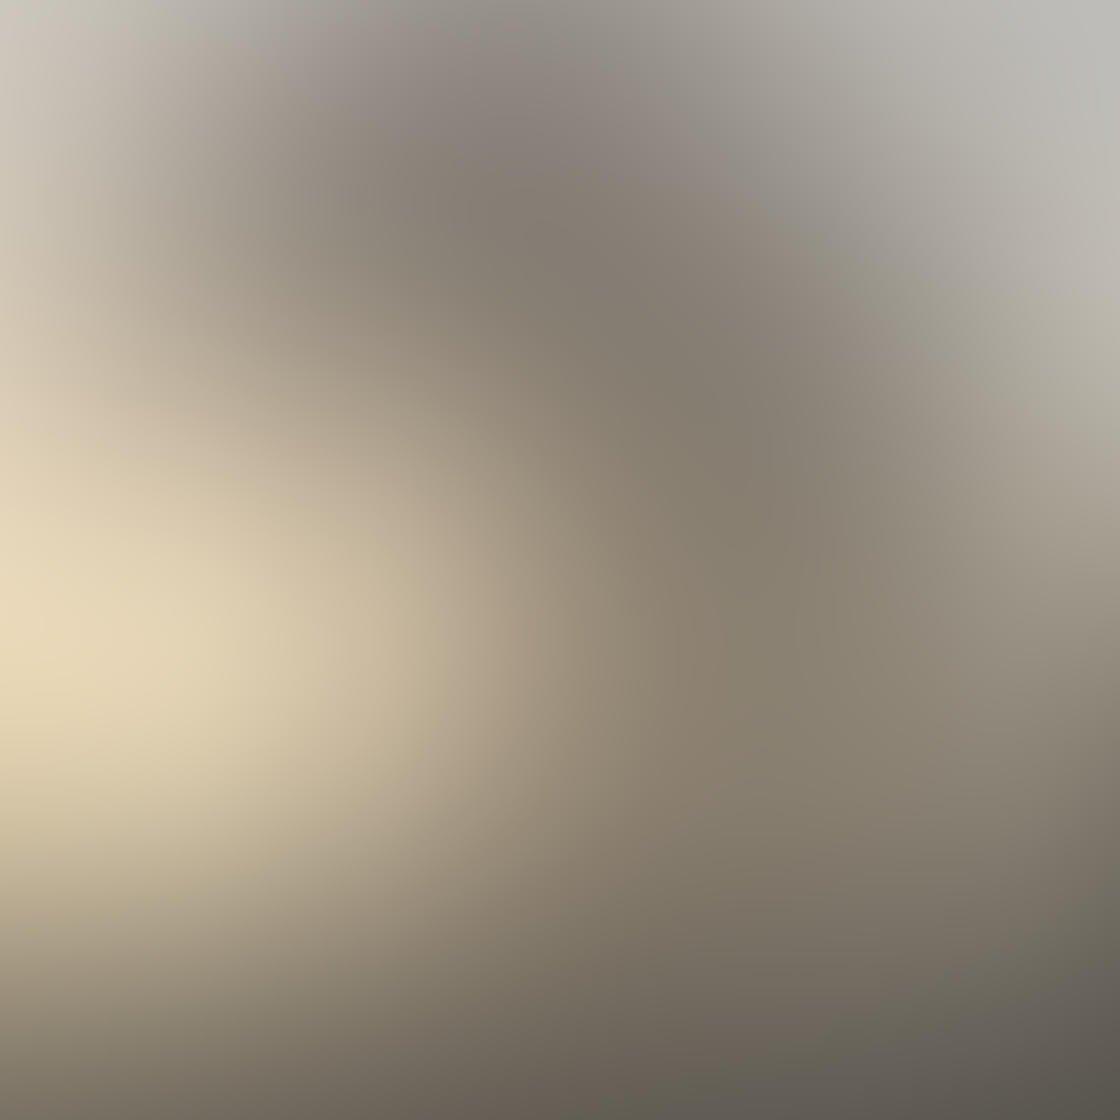 Fog & Mist iPhone Photos 13